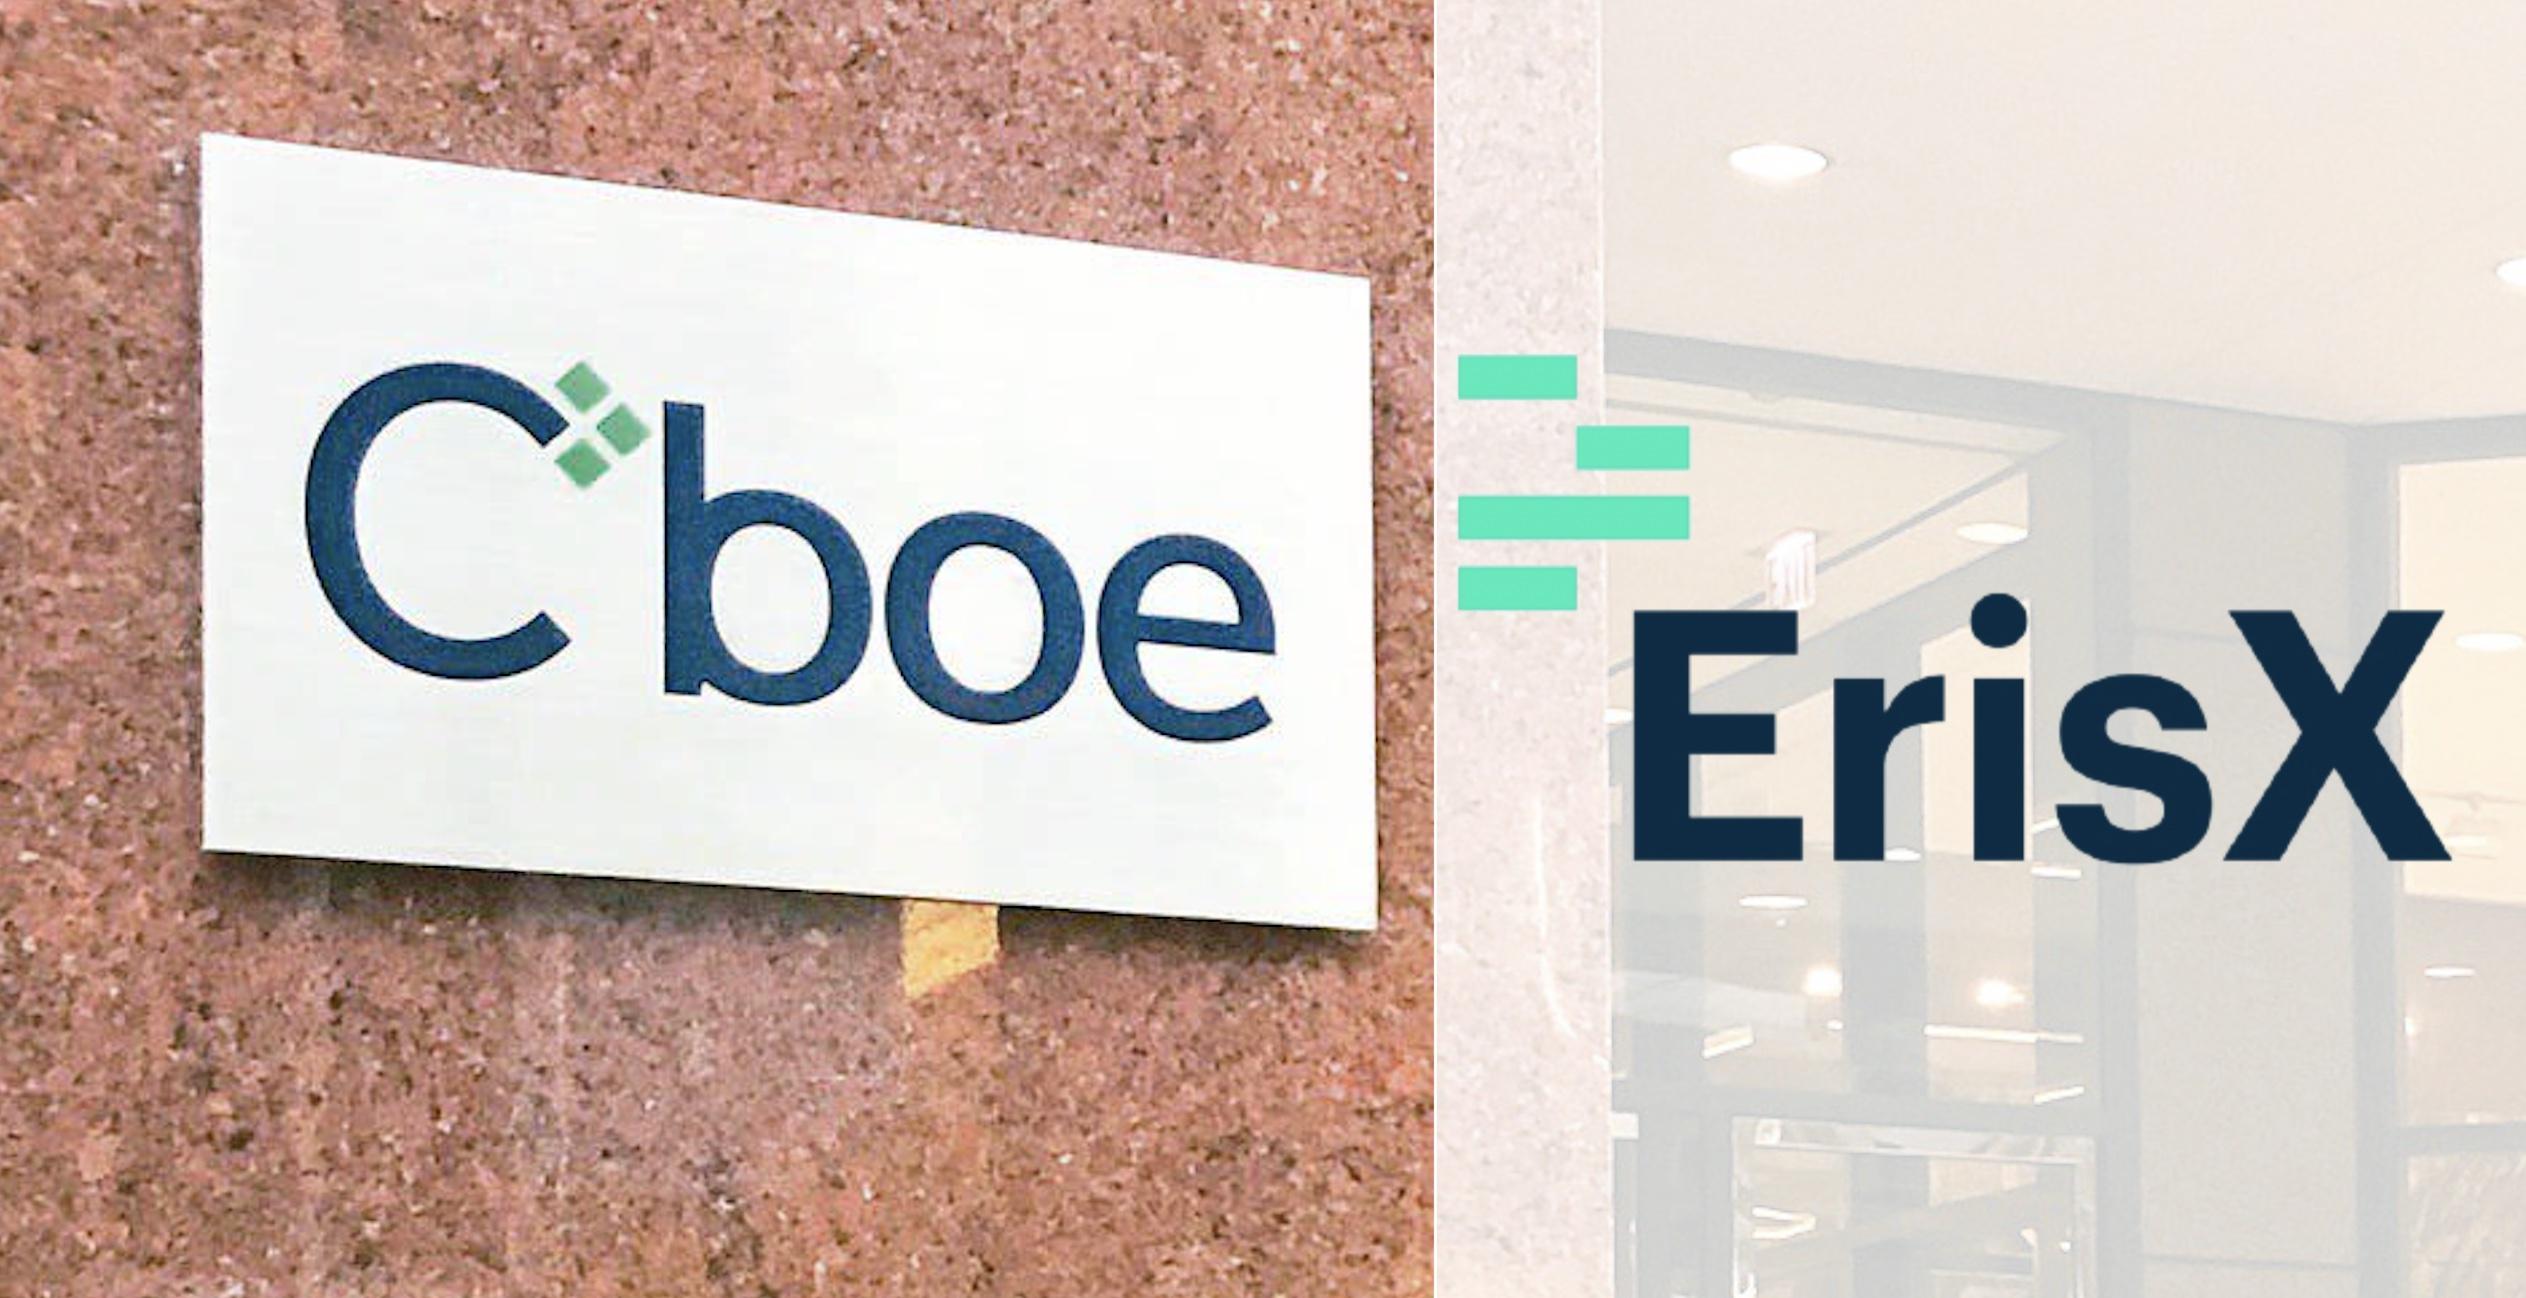 芝期所 (CBOE) 收購衍生品交易所 ErisX,力圖再戰加密貨幣市場!